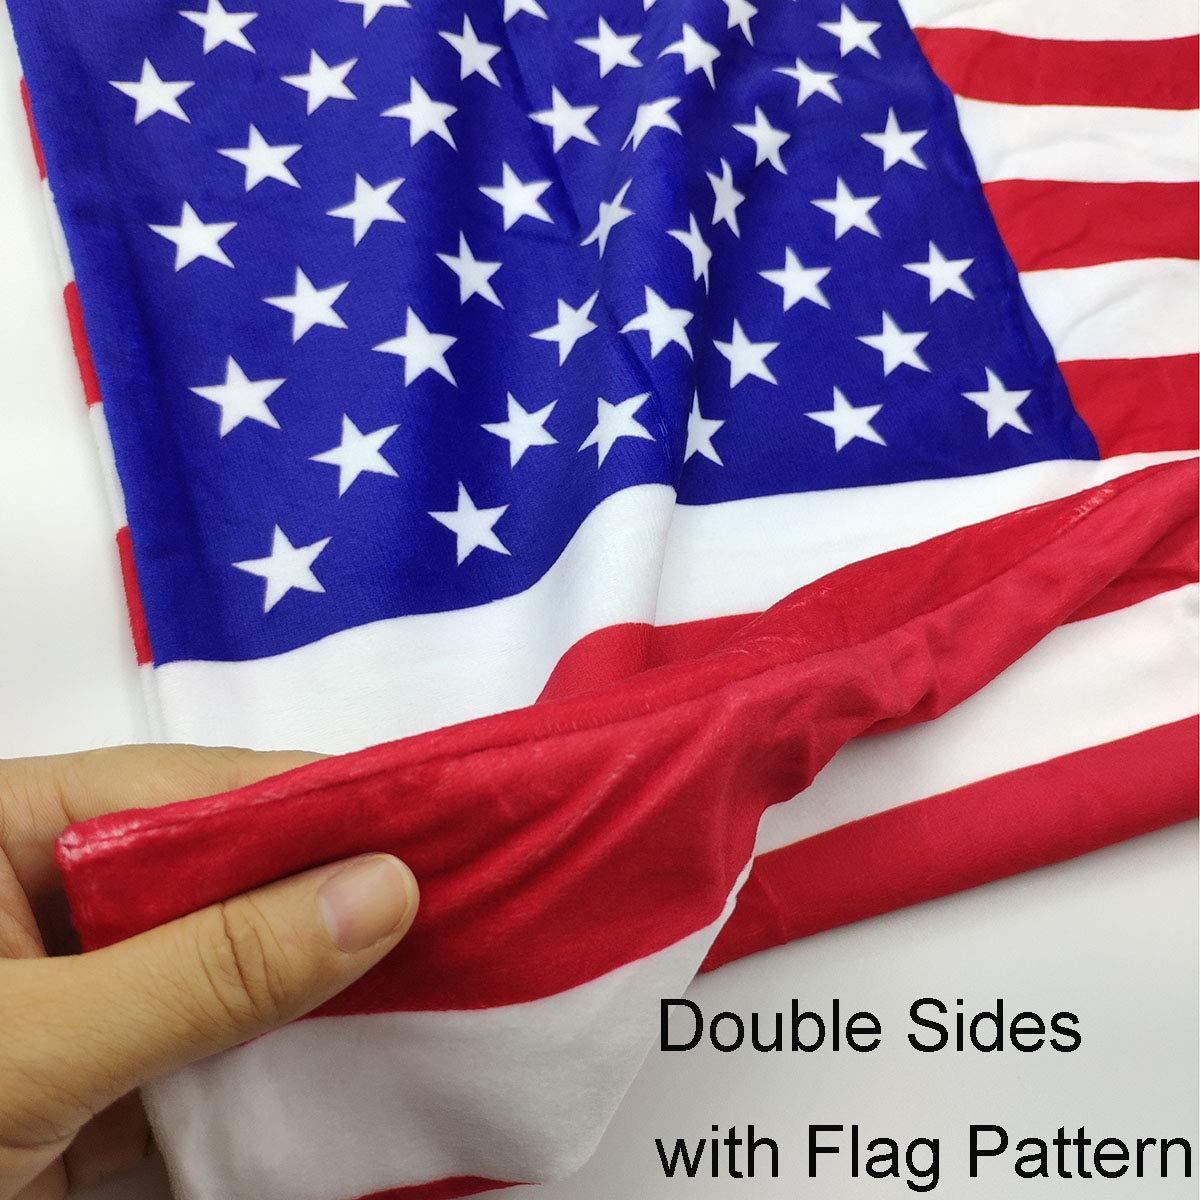 Amazon.com: Newweic - 2 paquetes de fundas de almohada ...